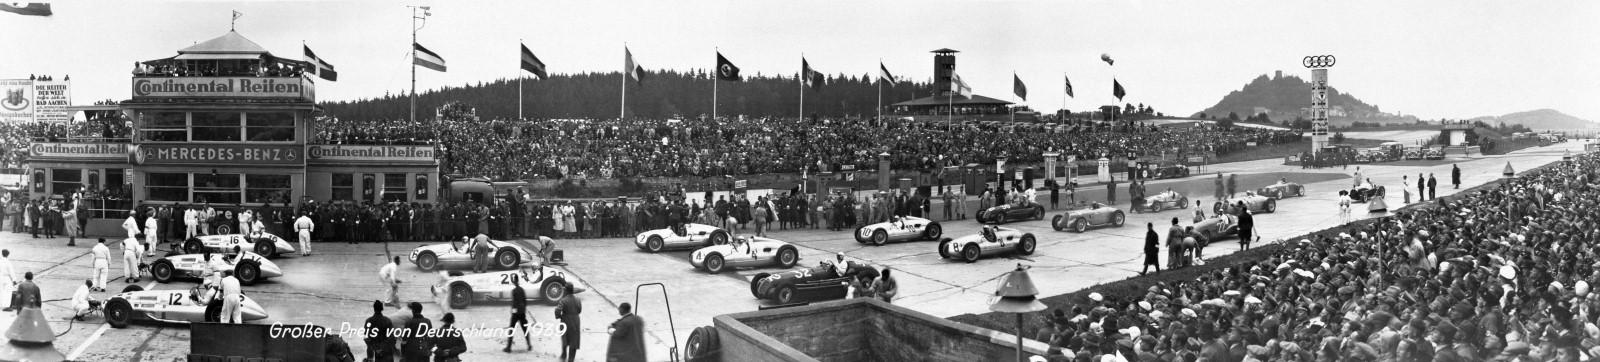 Панорама стартового поля Гран-при Германии 1939 года